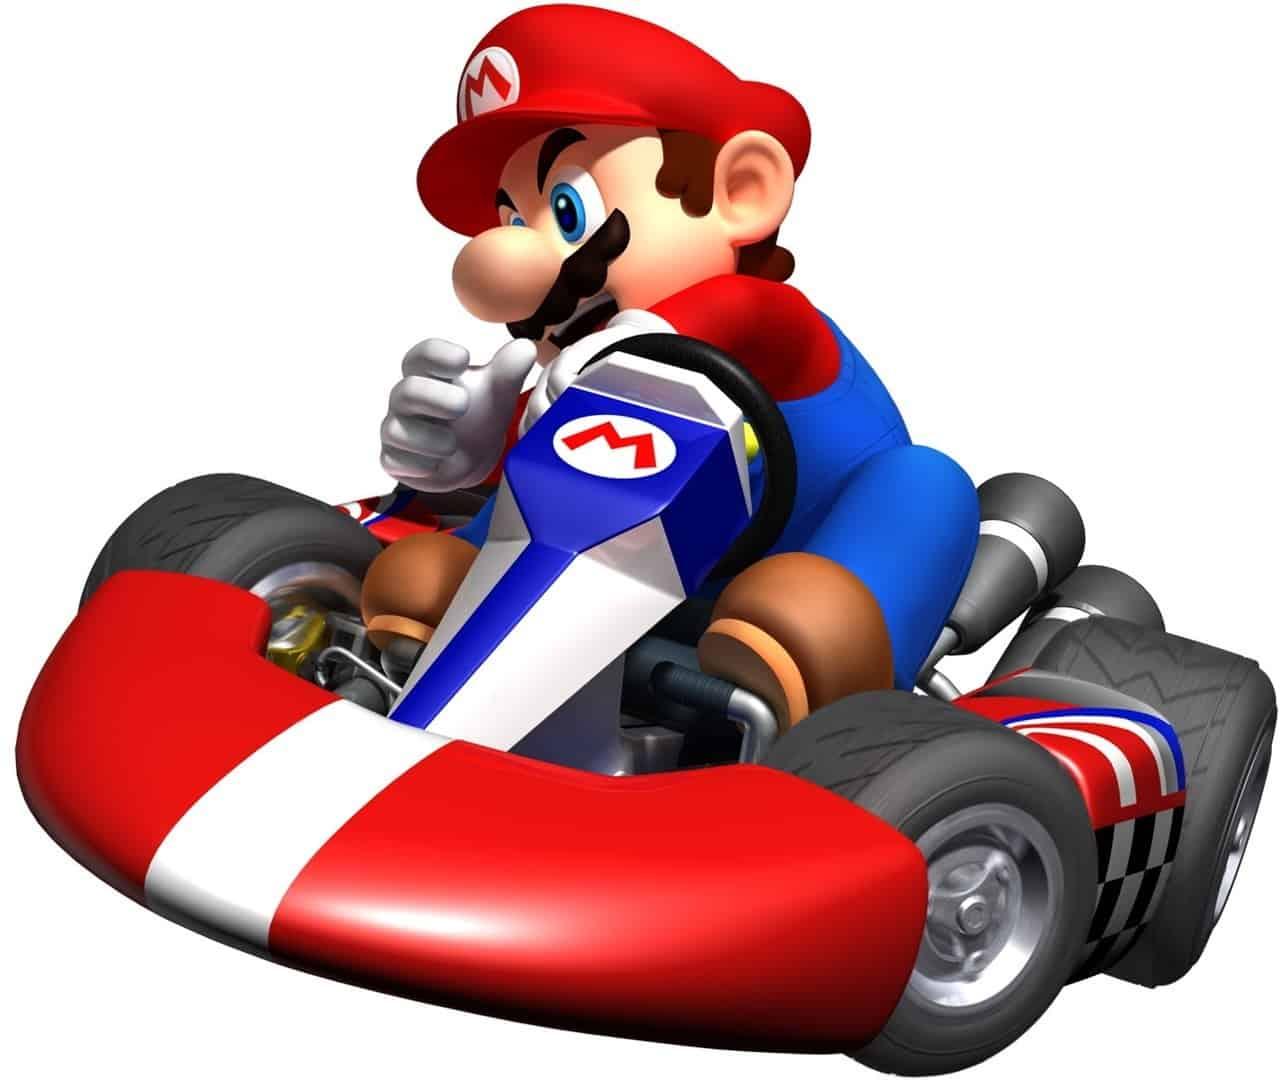 Jeu a boire #1 – Le Mario Kart…